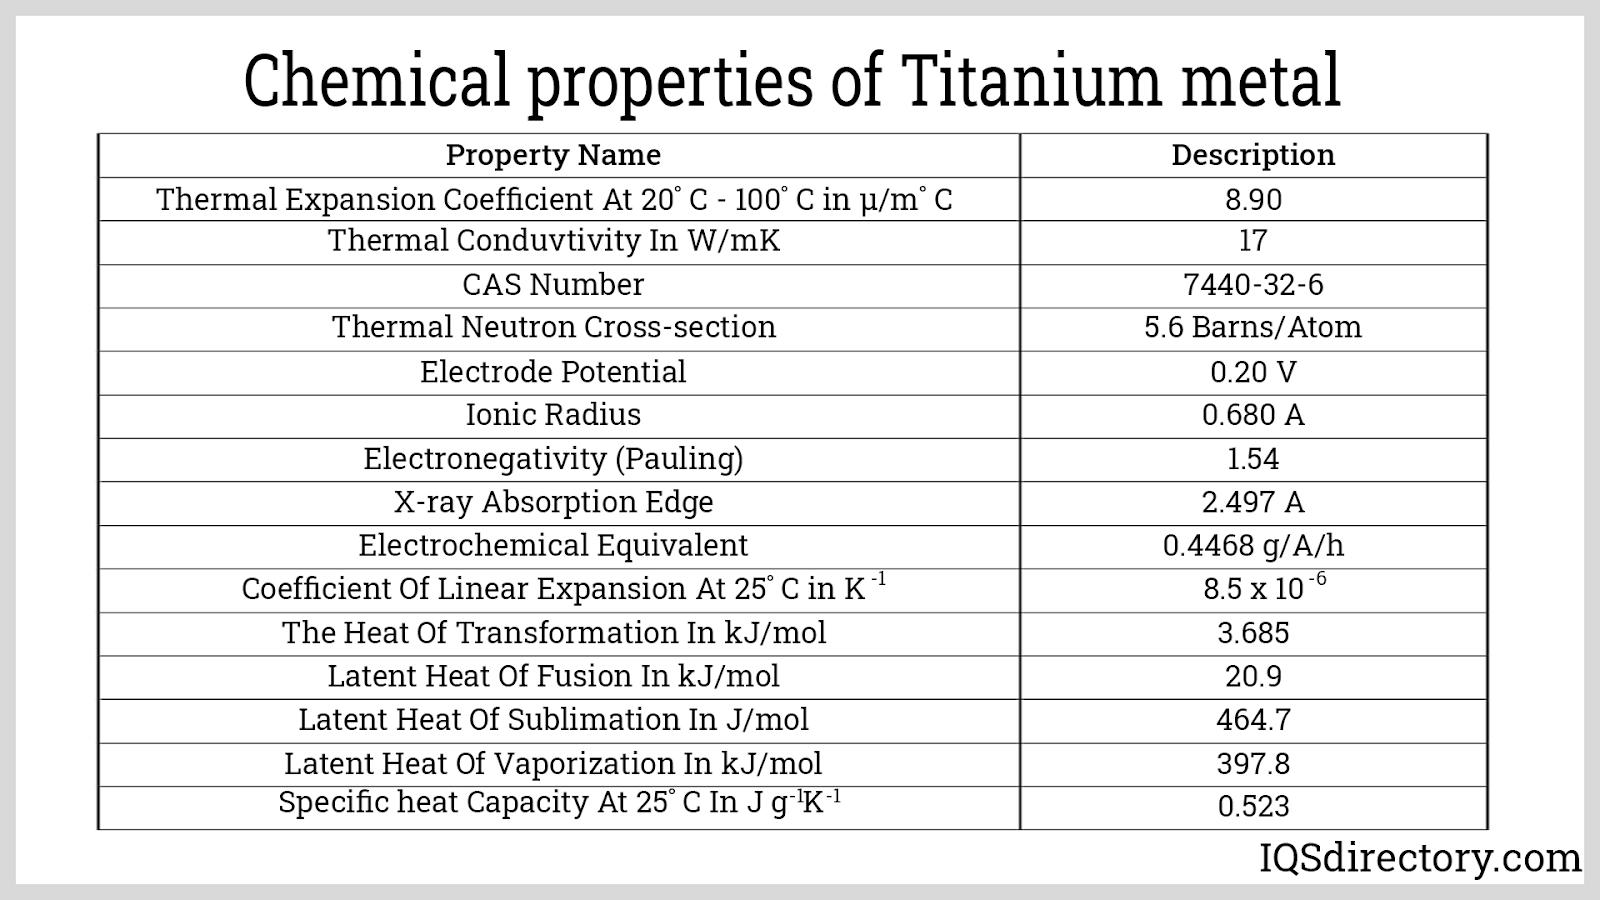 Chemical Properties of Titanium metal